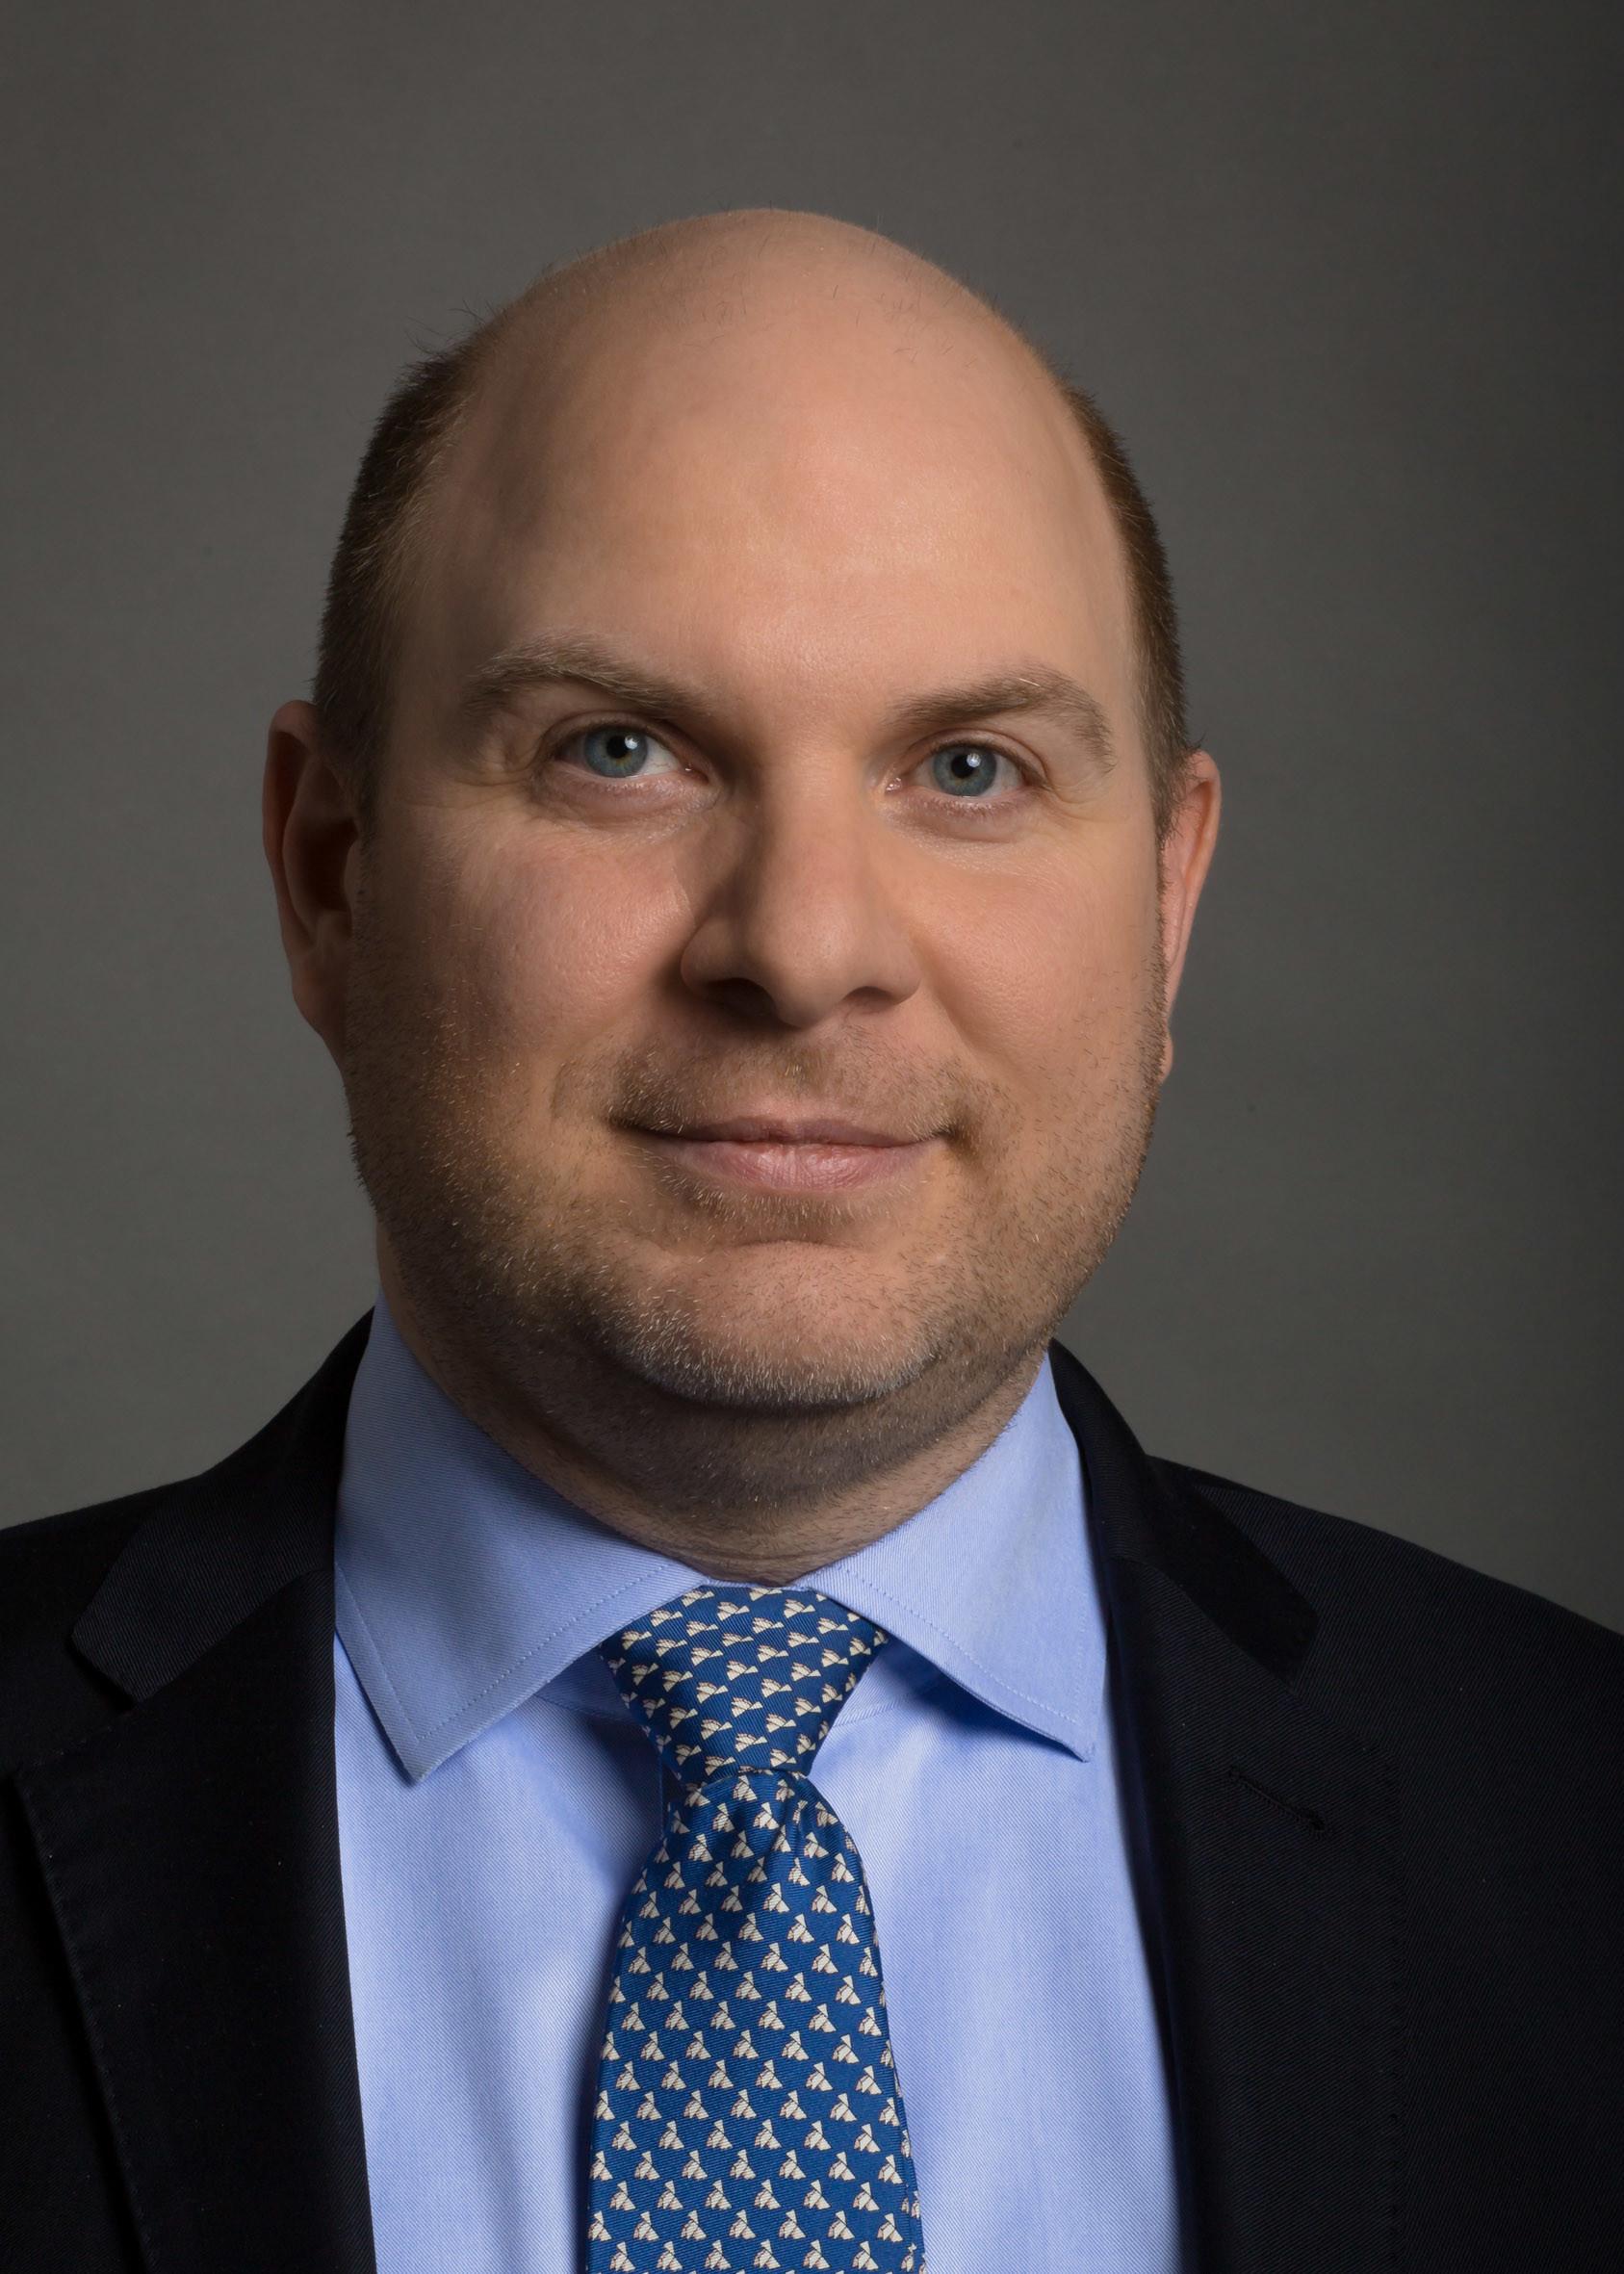 Rechtsanwalt Gregor Lintl